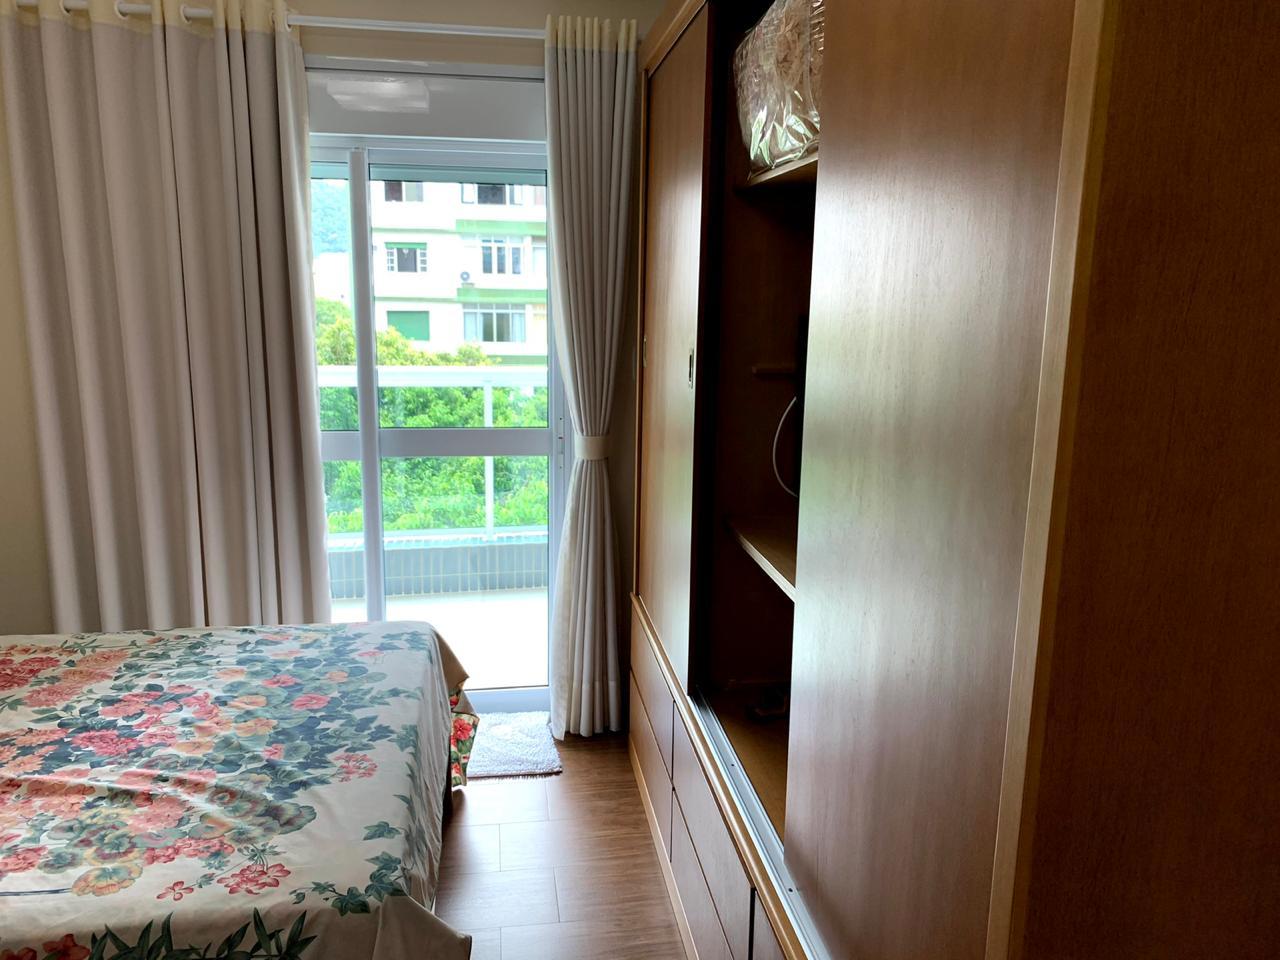 Excelente semi novo apartamento com 160m, uma quadra da Praia, Duas vagas de garagem, 3 suítes - foto 16